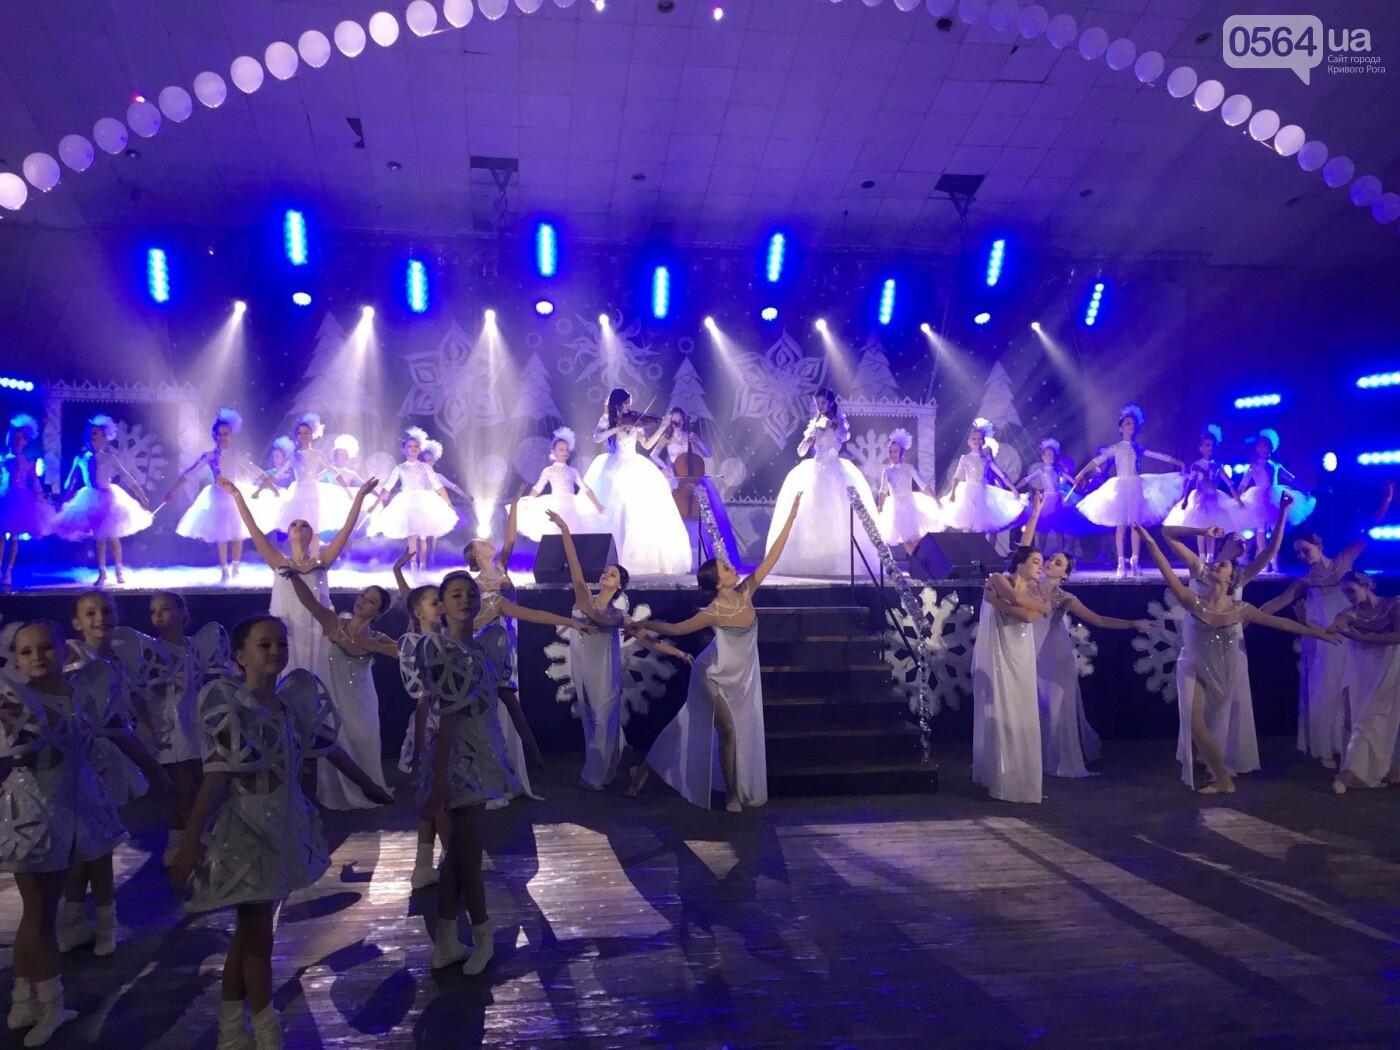 """В Кривом Роге на """"Главной елке"""" поздравили более 1,5 тысячи юных криворожан, - ФОТО, ВИДЕО, фото-17"""